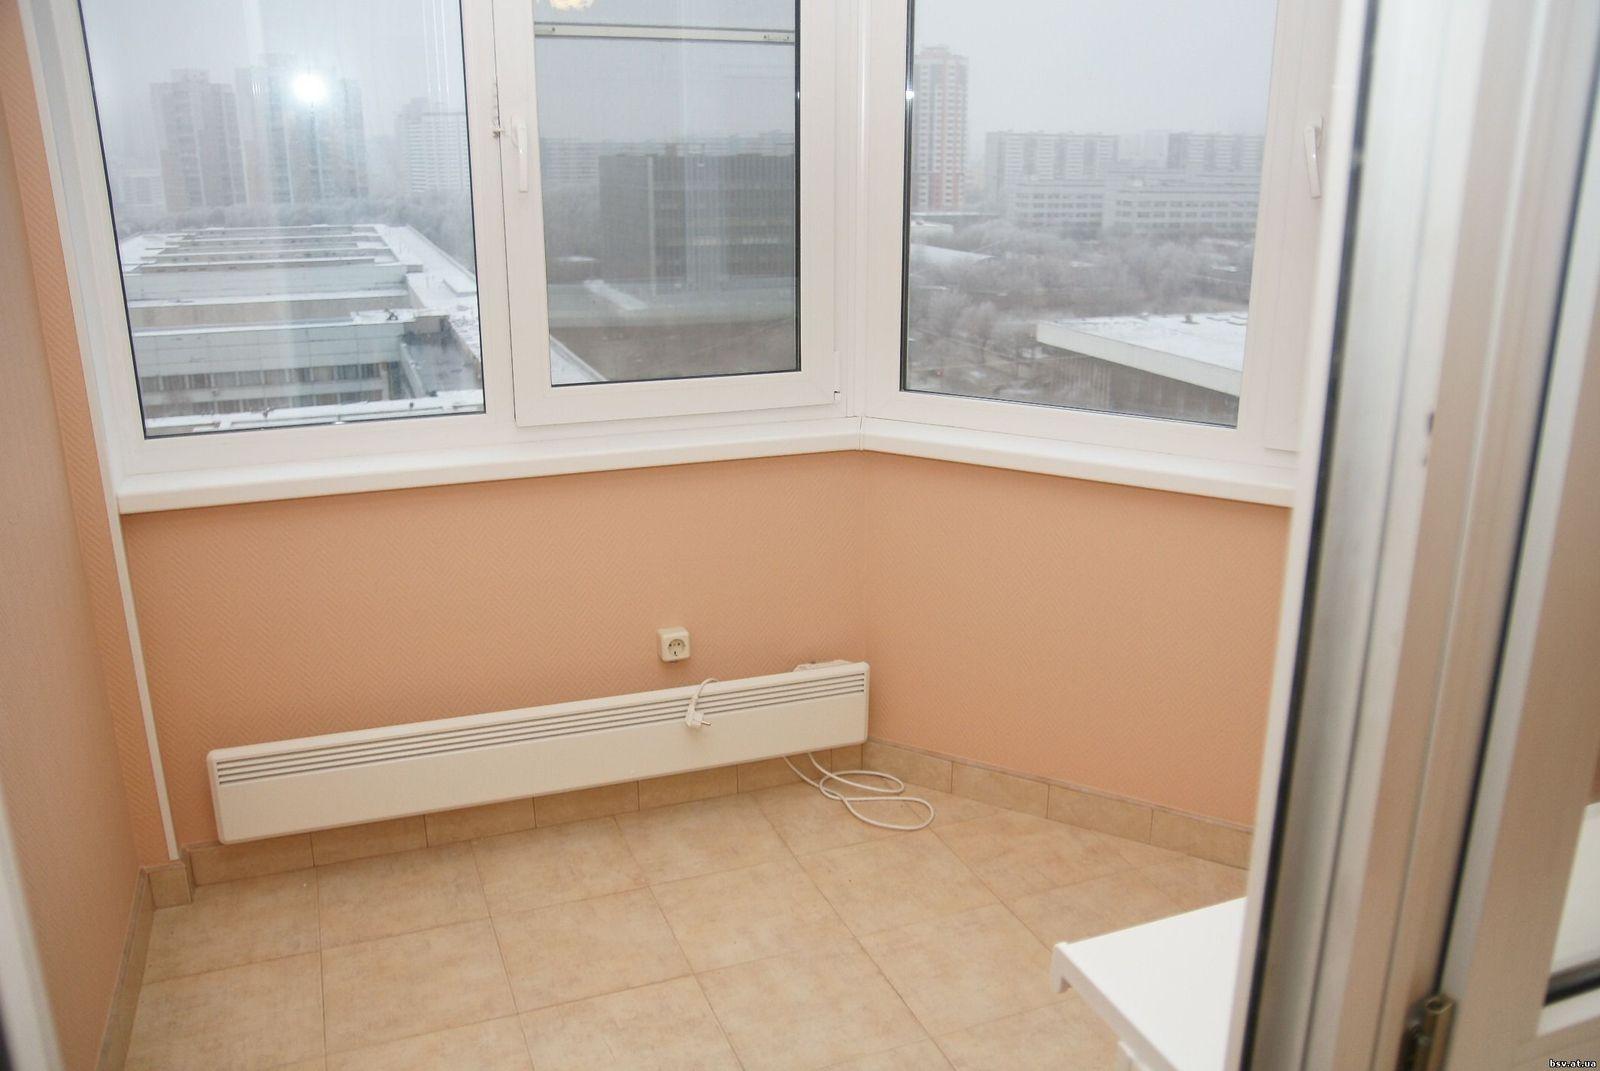 Пошаговое утепление балконов и лоджий. Инструкция